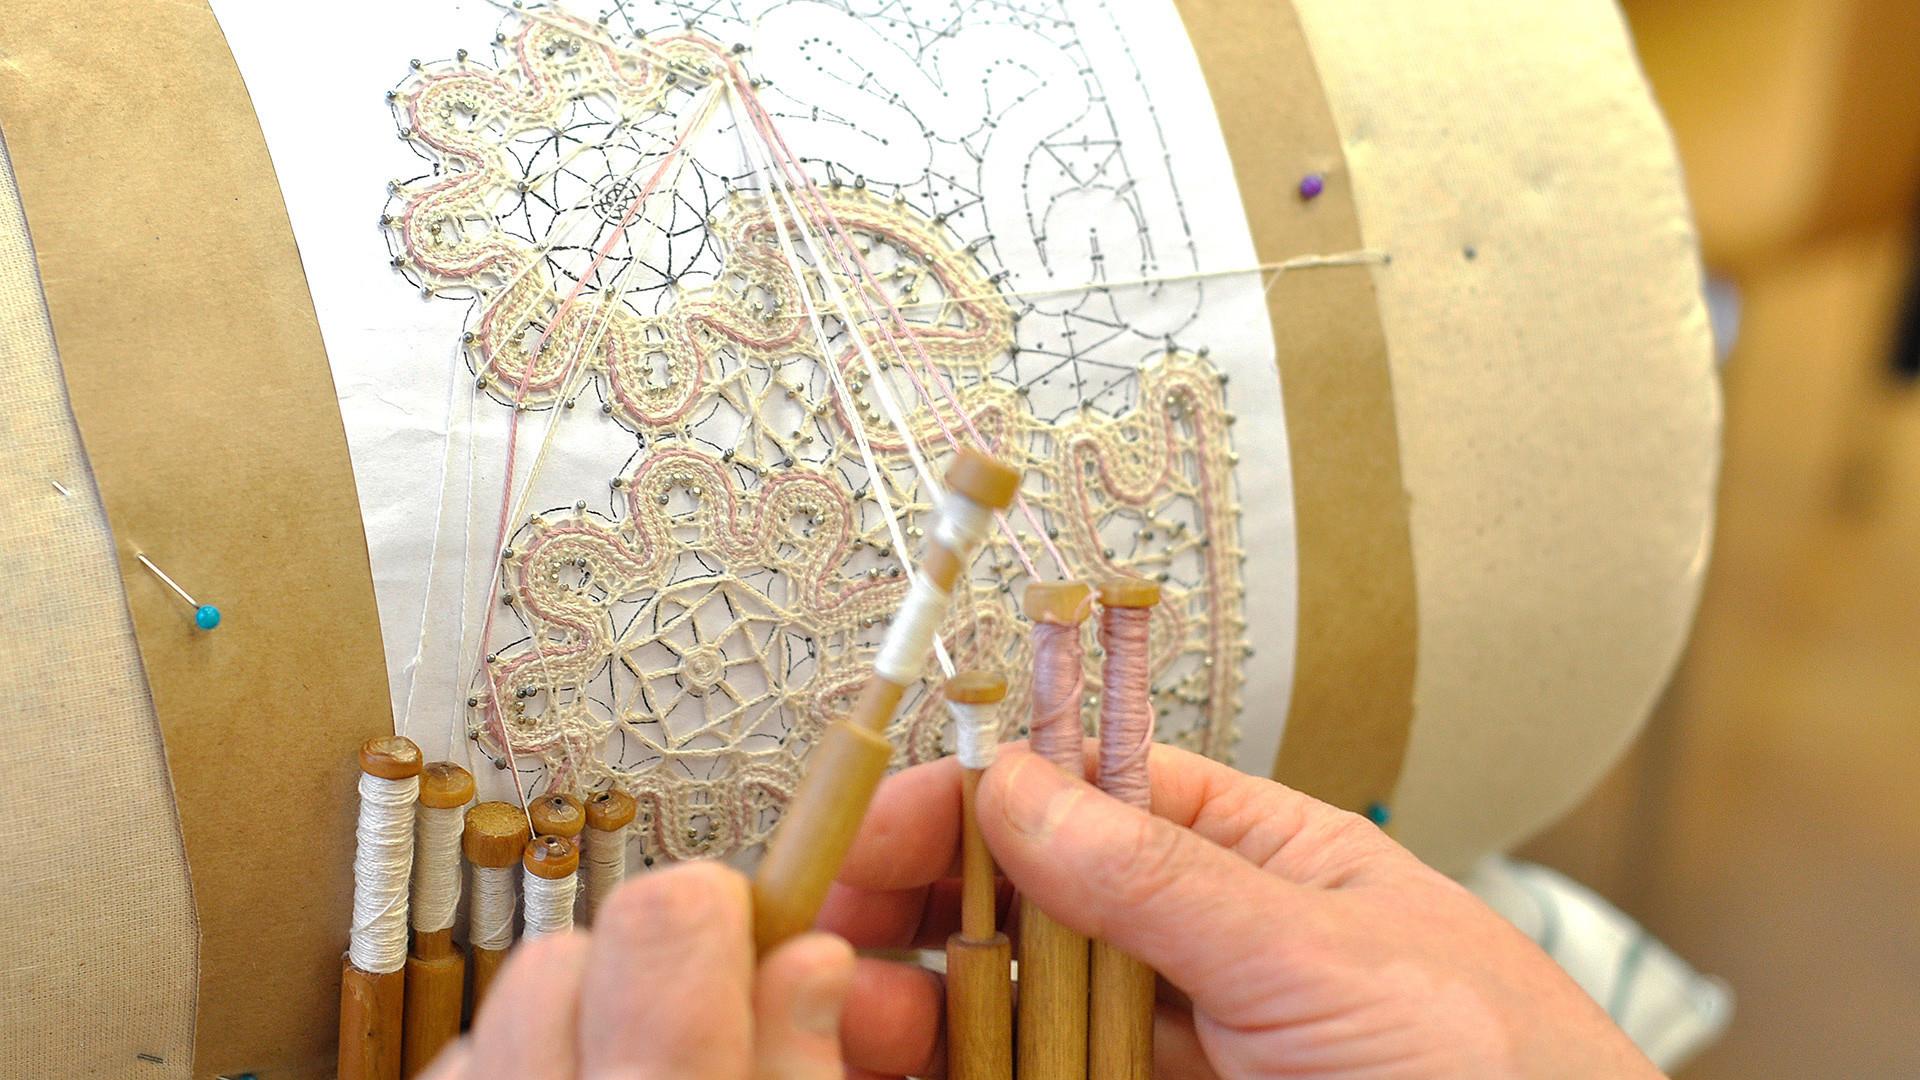 Renda khas Vologda buatan tangan yang dibuat dengan menggunakan bobbin dari kayu.